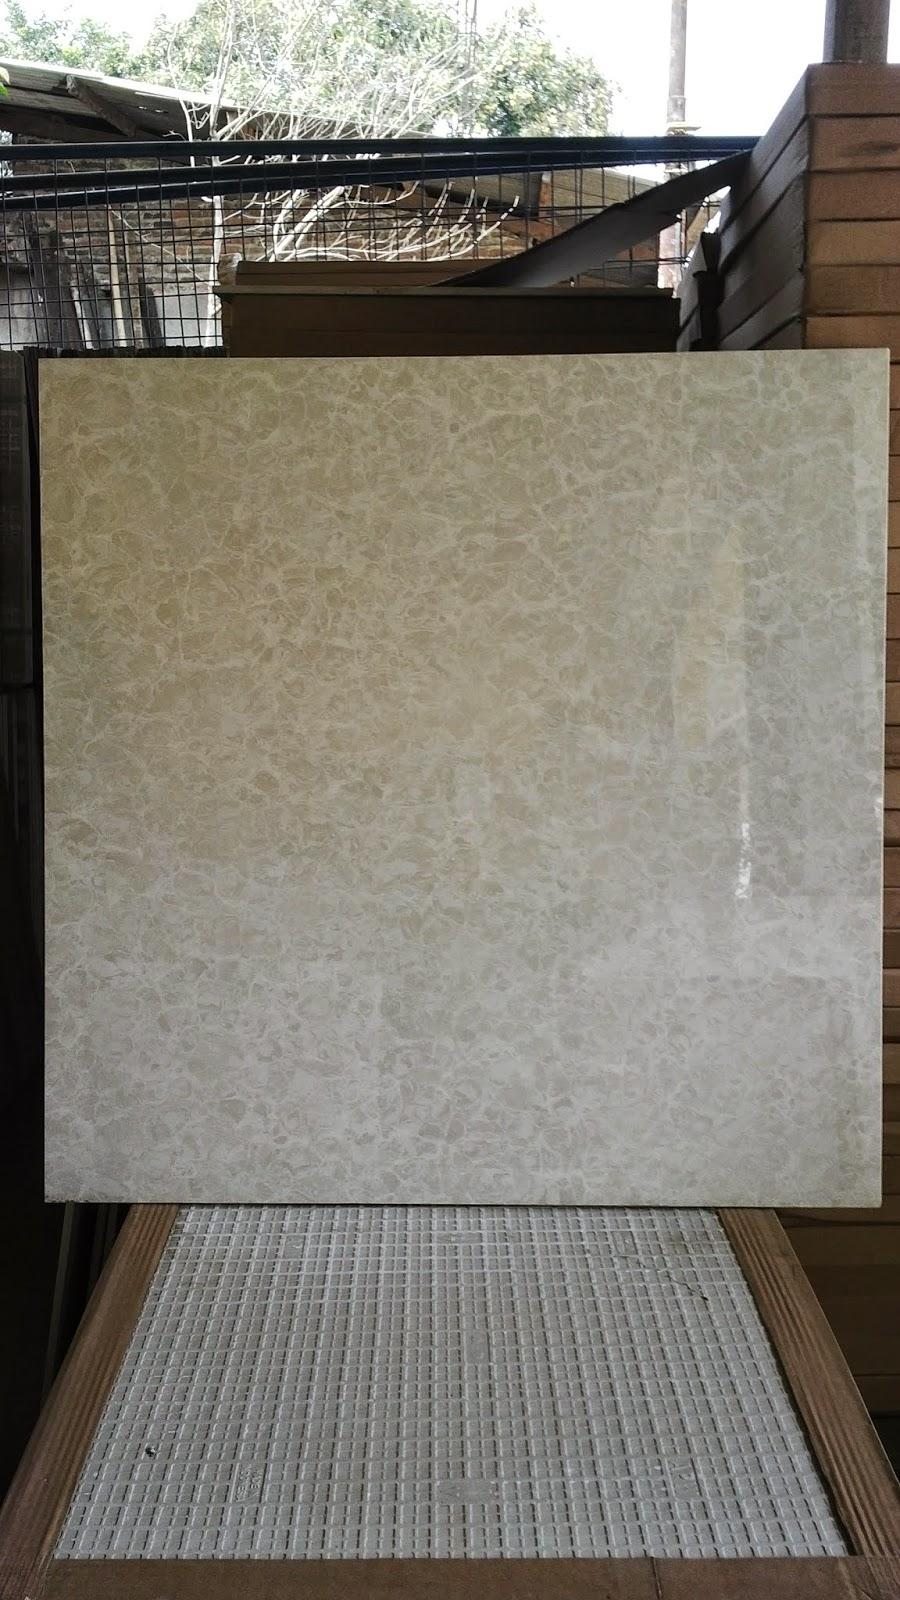 Granit Murah Harga Promo Dan Keramik Alat Potong Granite Ampamp 100cm Ikad 80x80 Rp 90000 M2